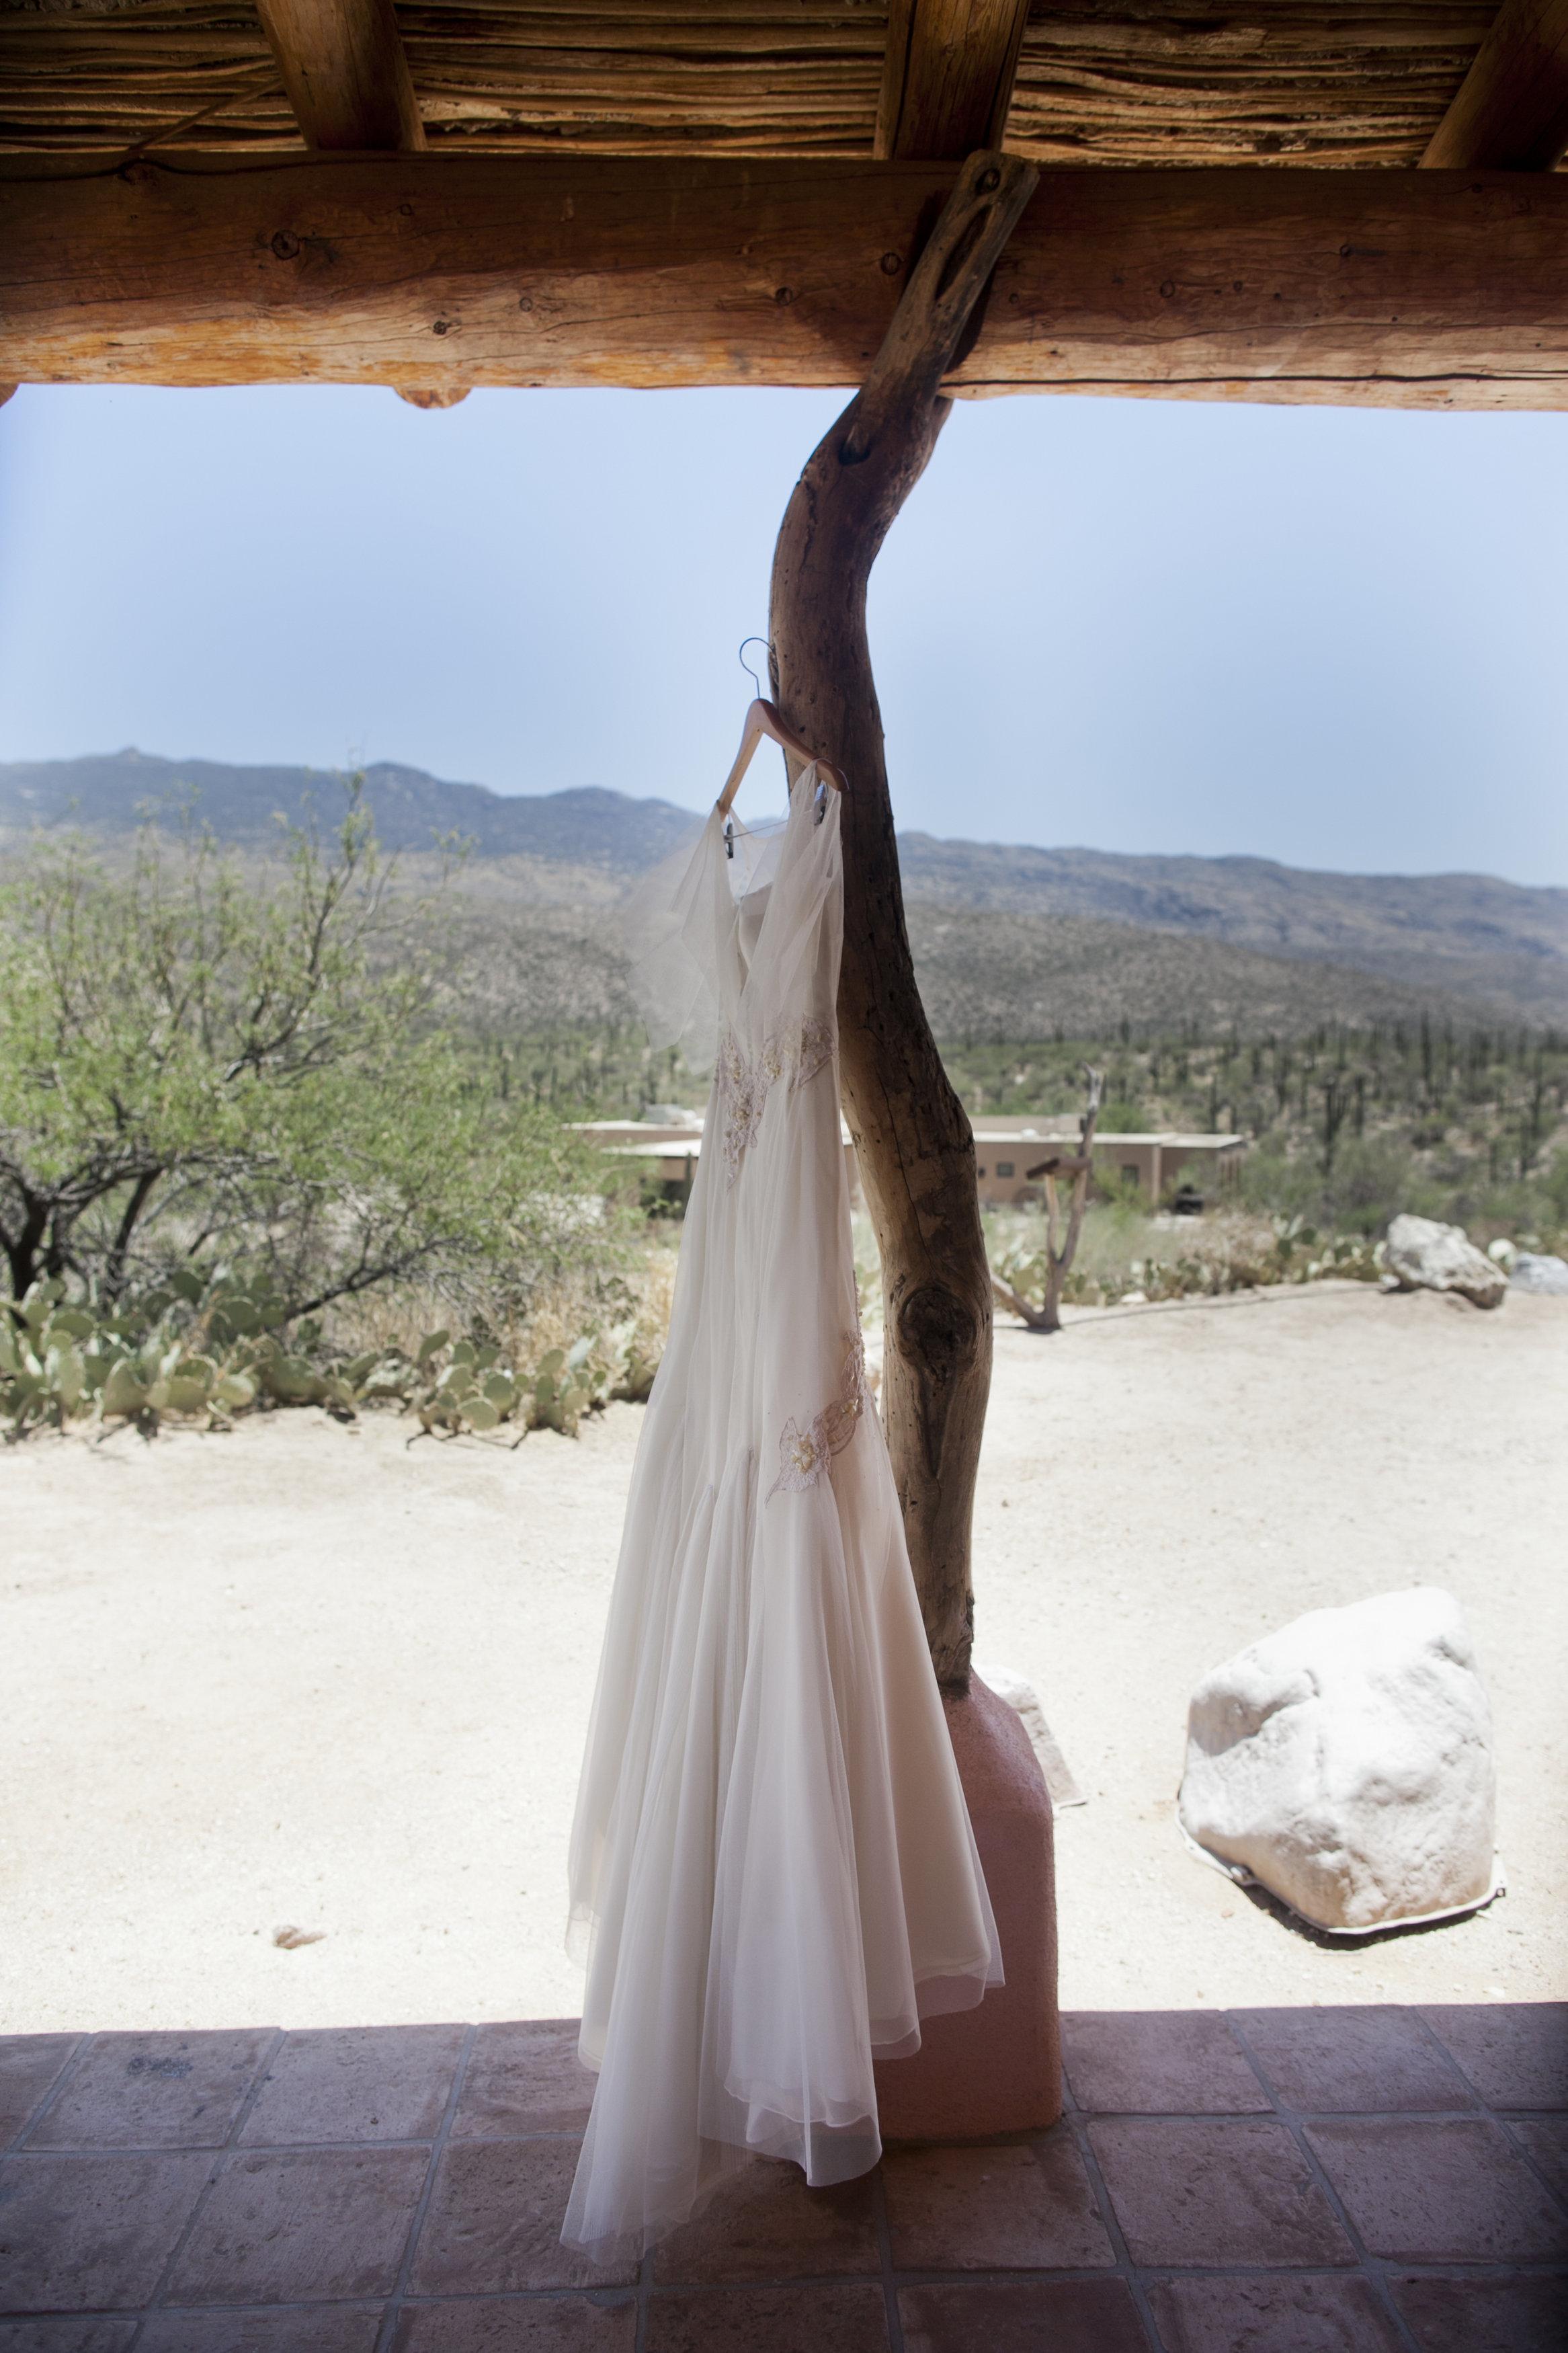 Ceci_New_York_Ceci_Style_Ceci_Johnson_Luxury_Lifestyle_Arizona_Wedding_Watercolor_Inspiration_Design_Custom_Couture_Personalized_Invitations_17.jpg